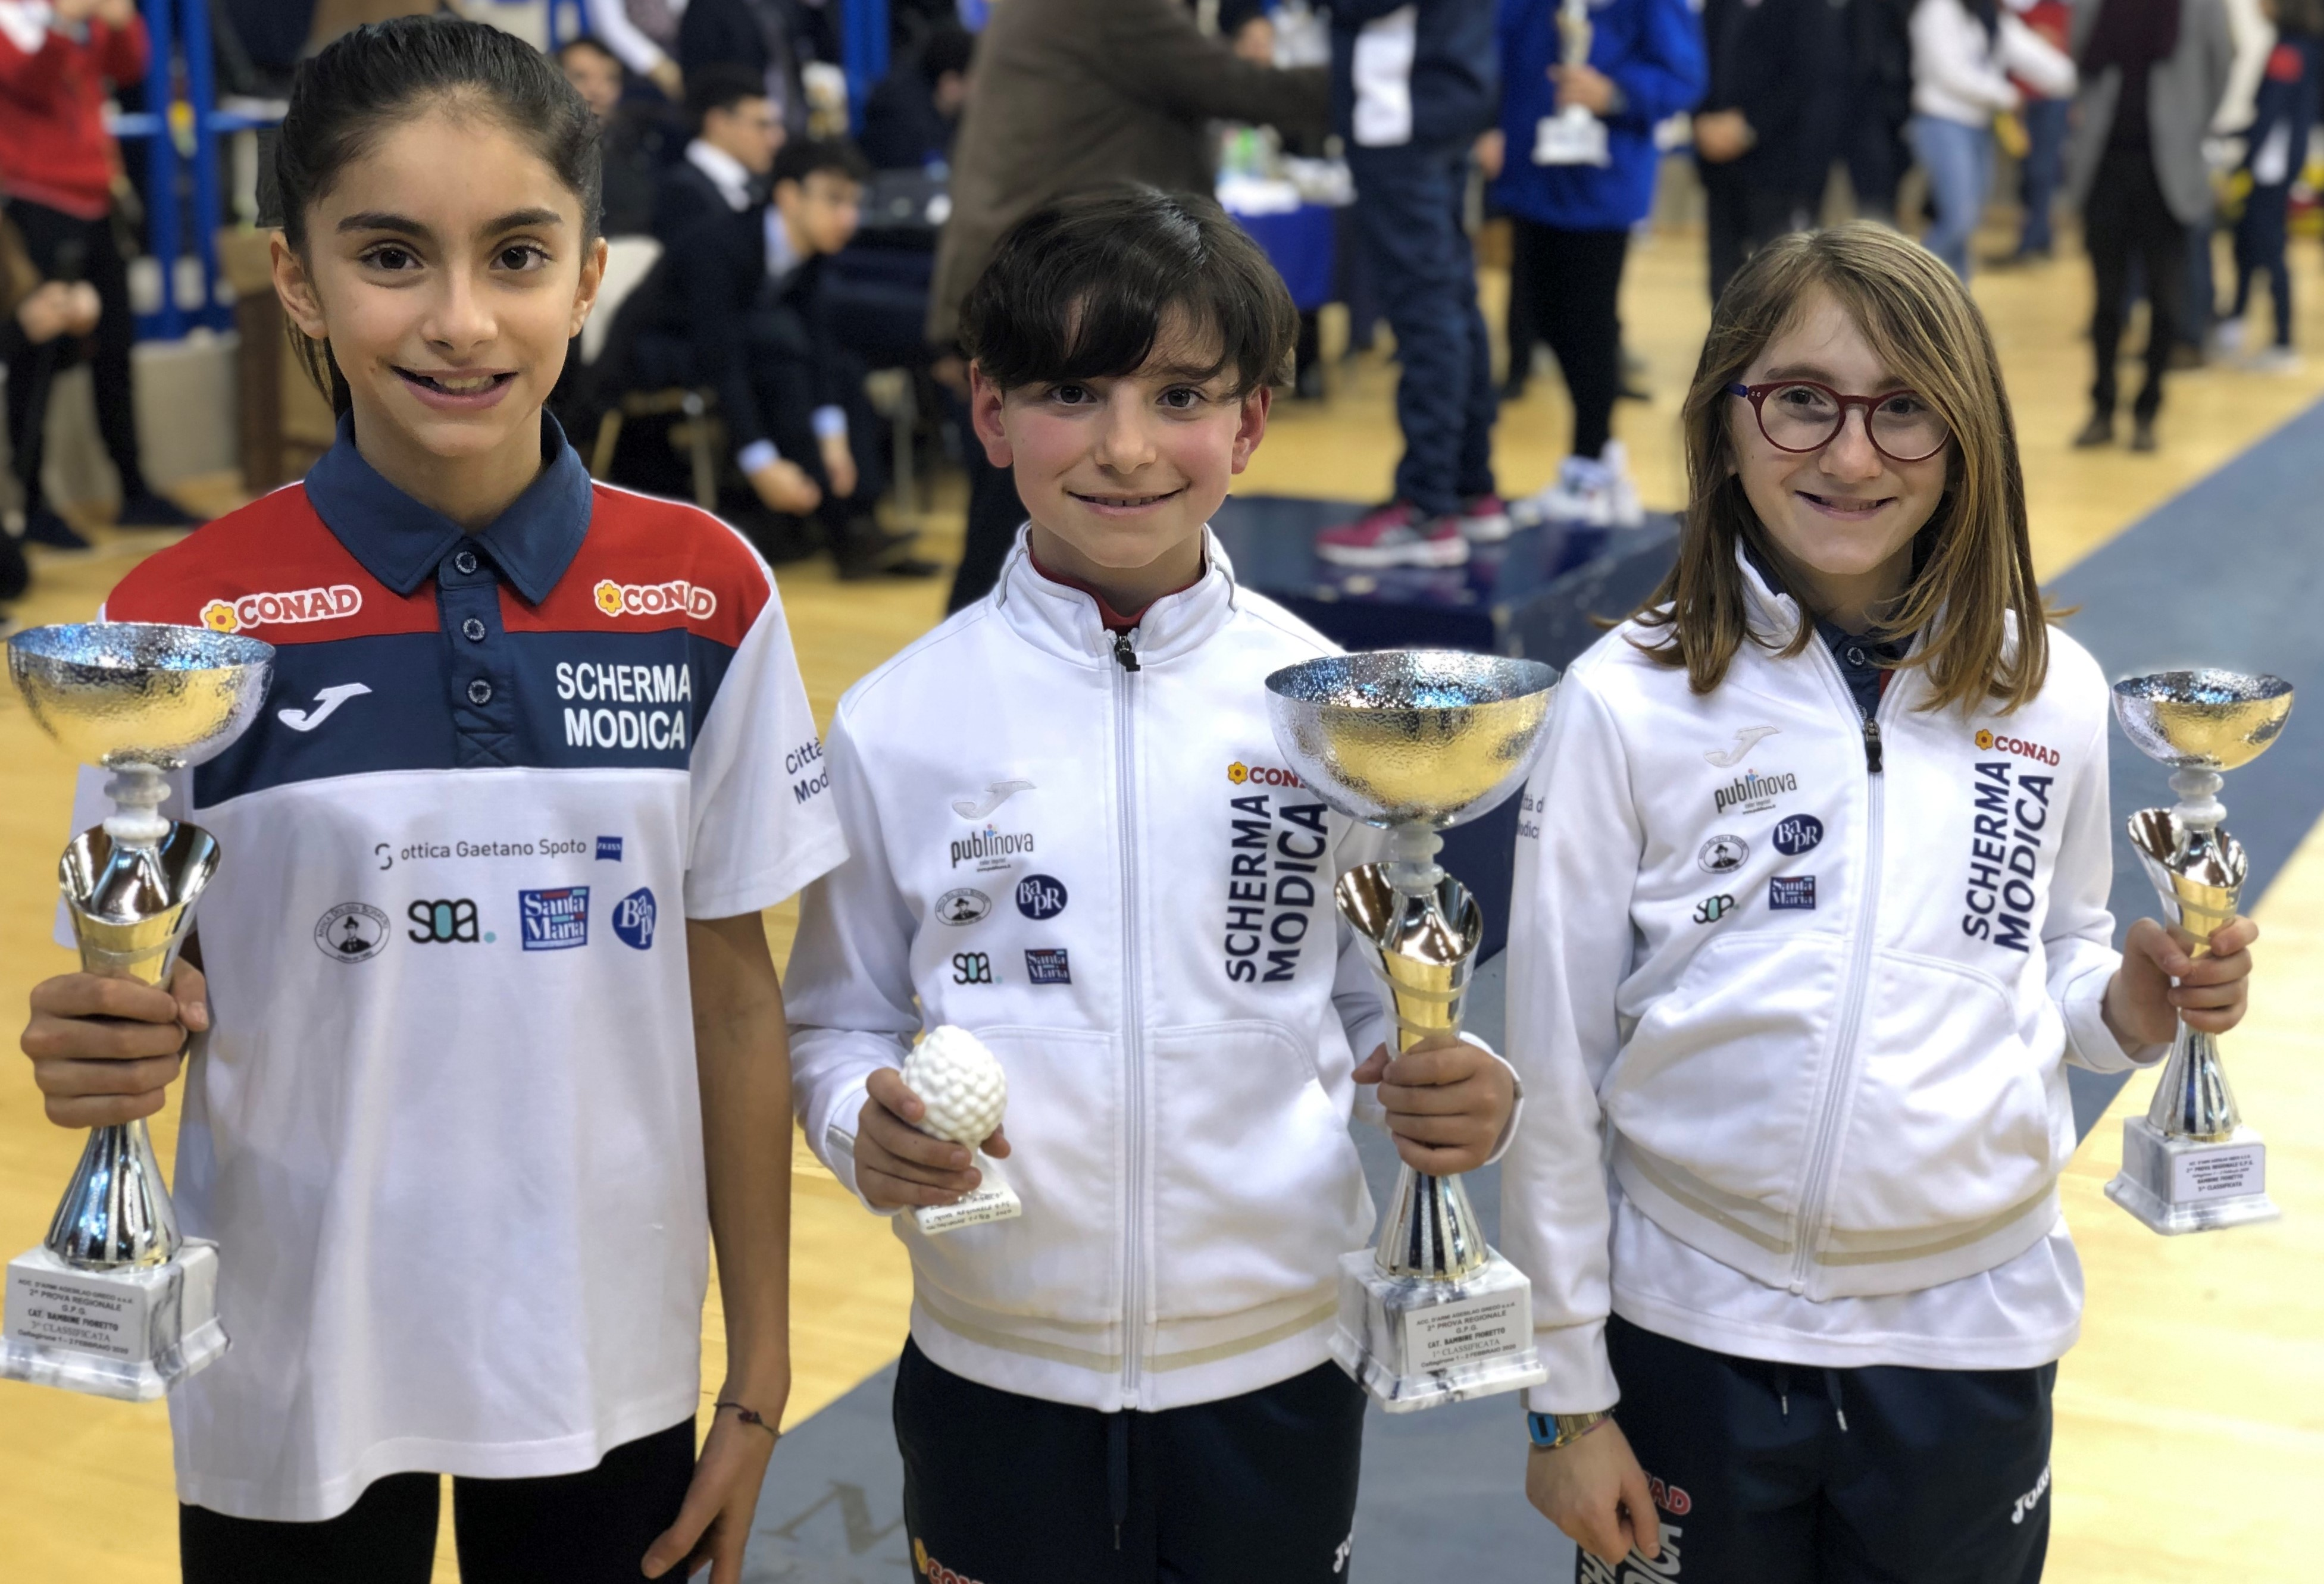 Scherma Modica, due medaglie d'oro per gli Under 14 al Gran Premio di Caltagirone